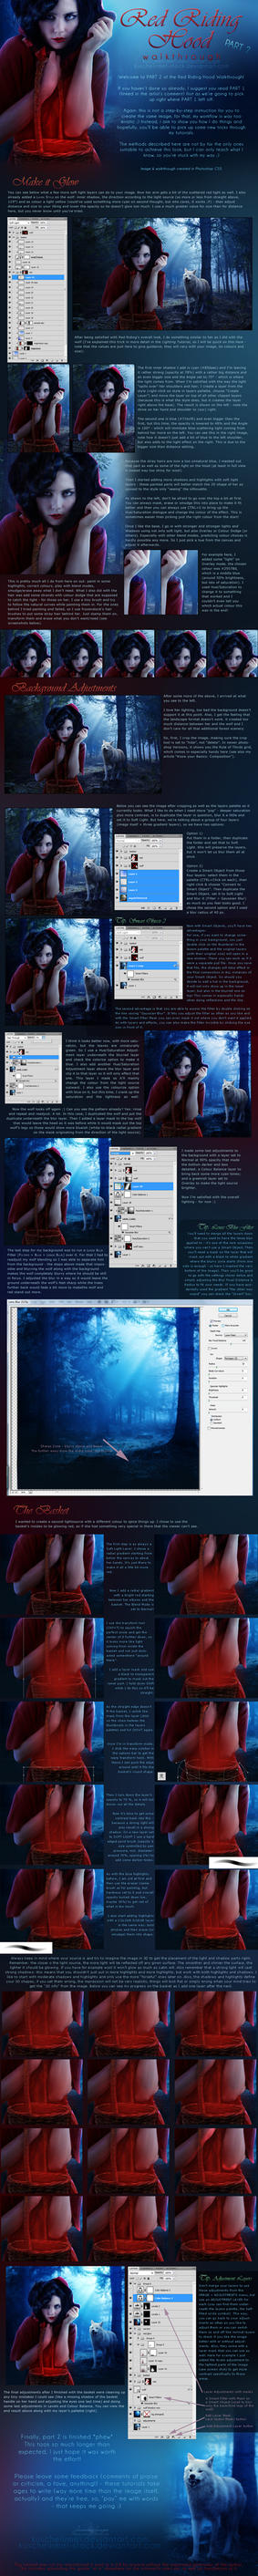 Red Riding Hood - Walkthrough Part 2 by kuschelirmel-stock